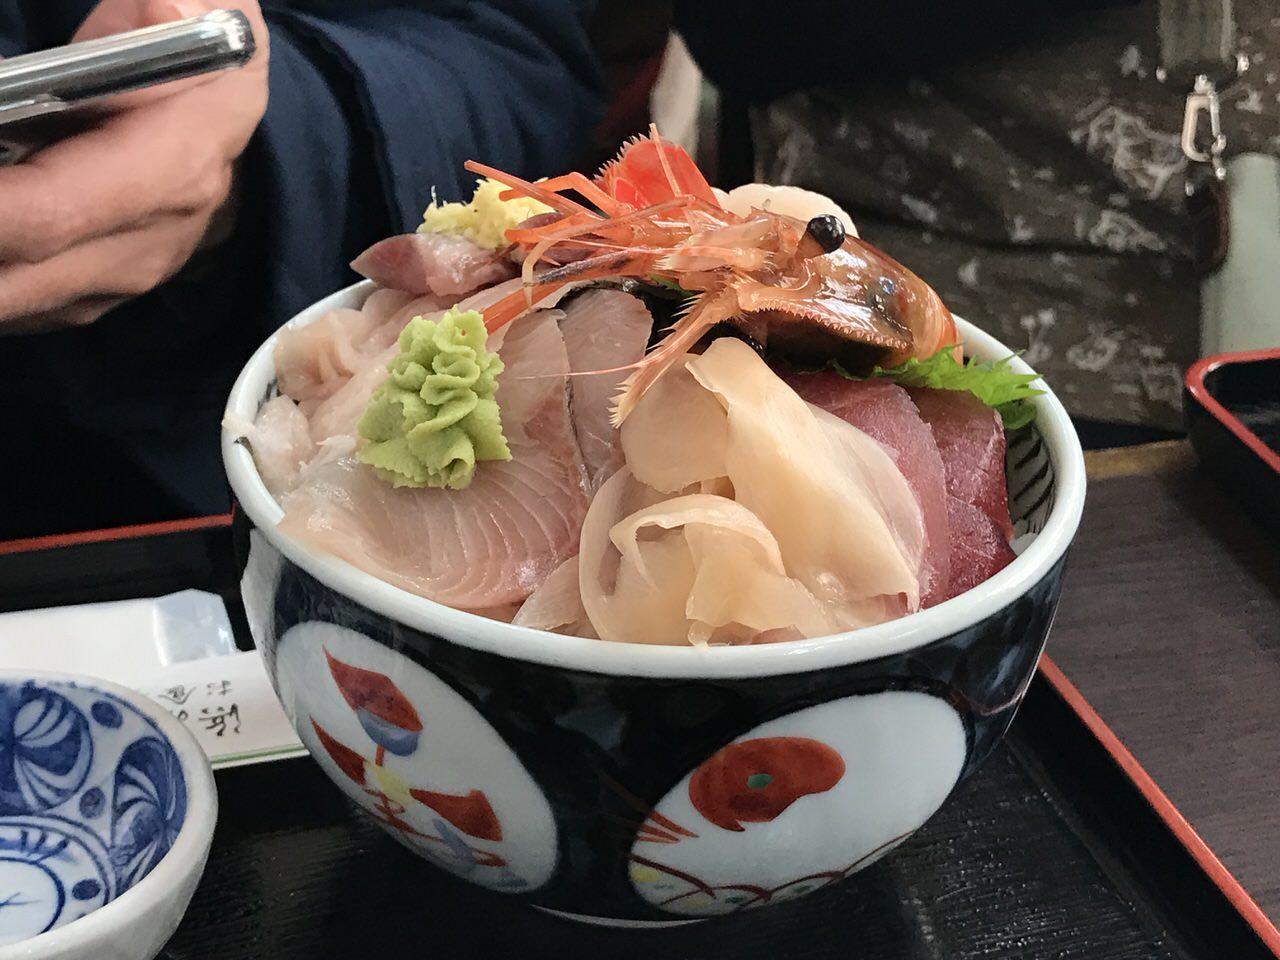 Iwaki urokoichi 2191